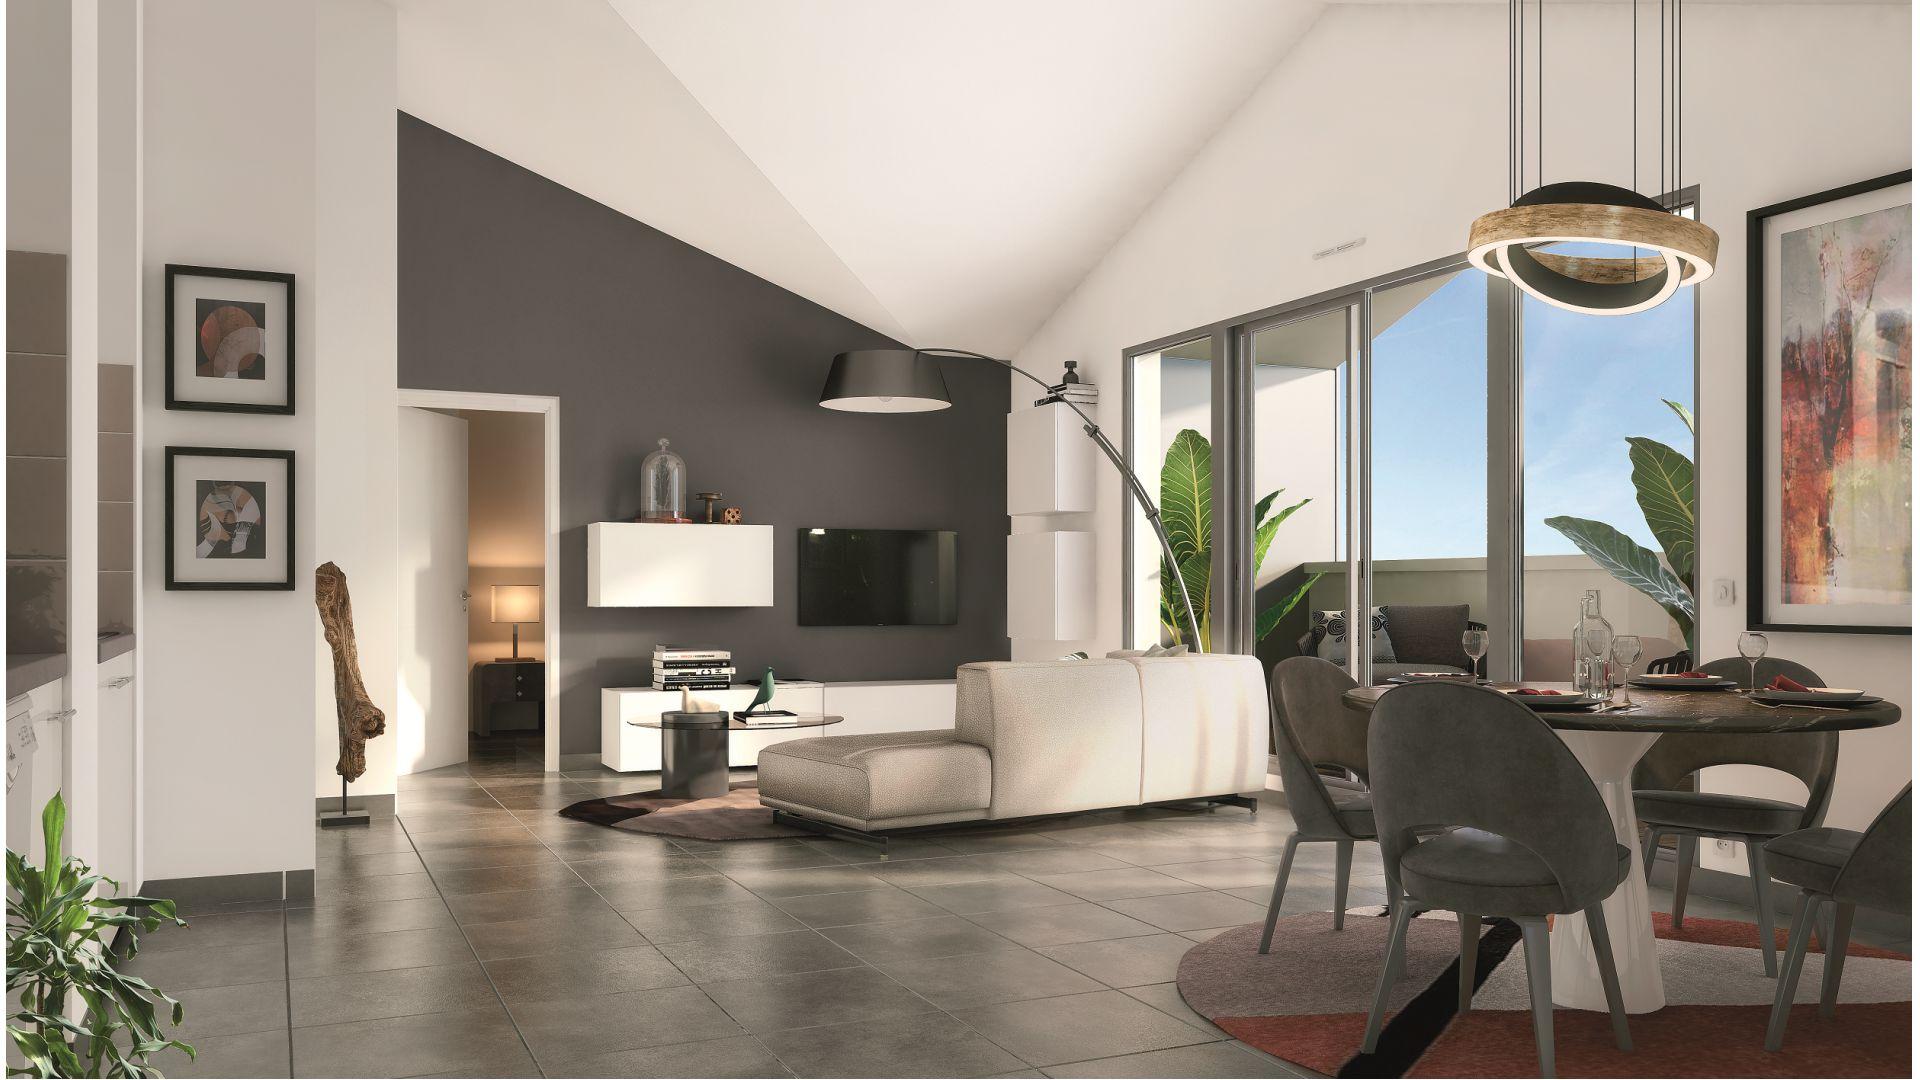 Greencity Immobilier - Résidence Les Beaux Arts - Toulouse Jules Julien - 31400 - vue intérieure